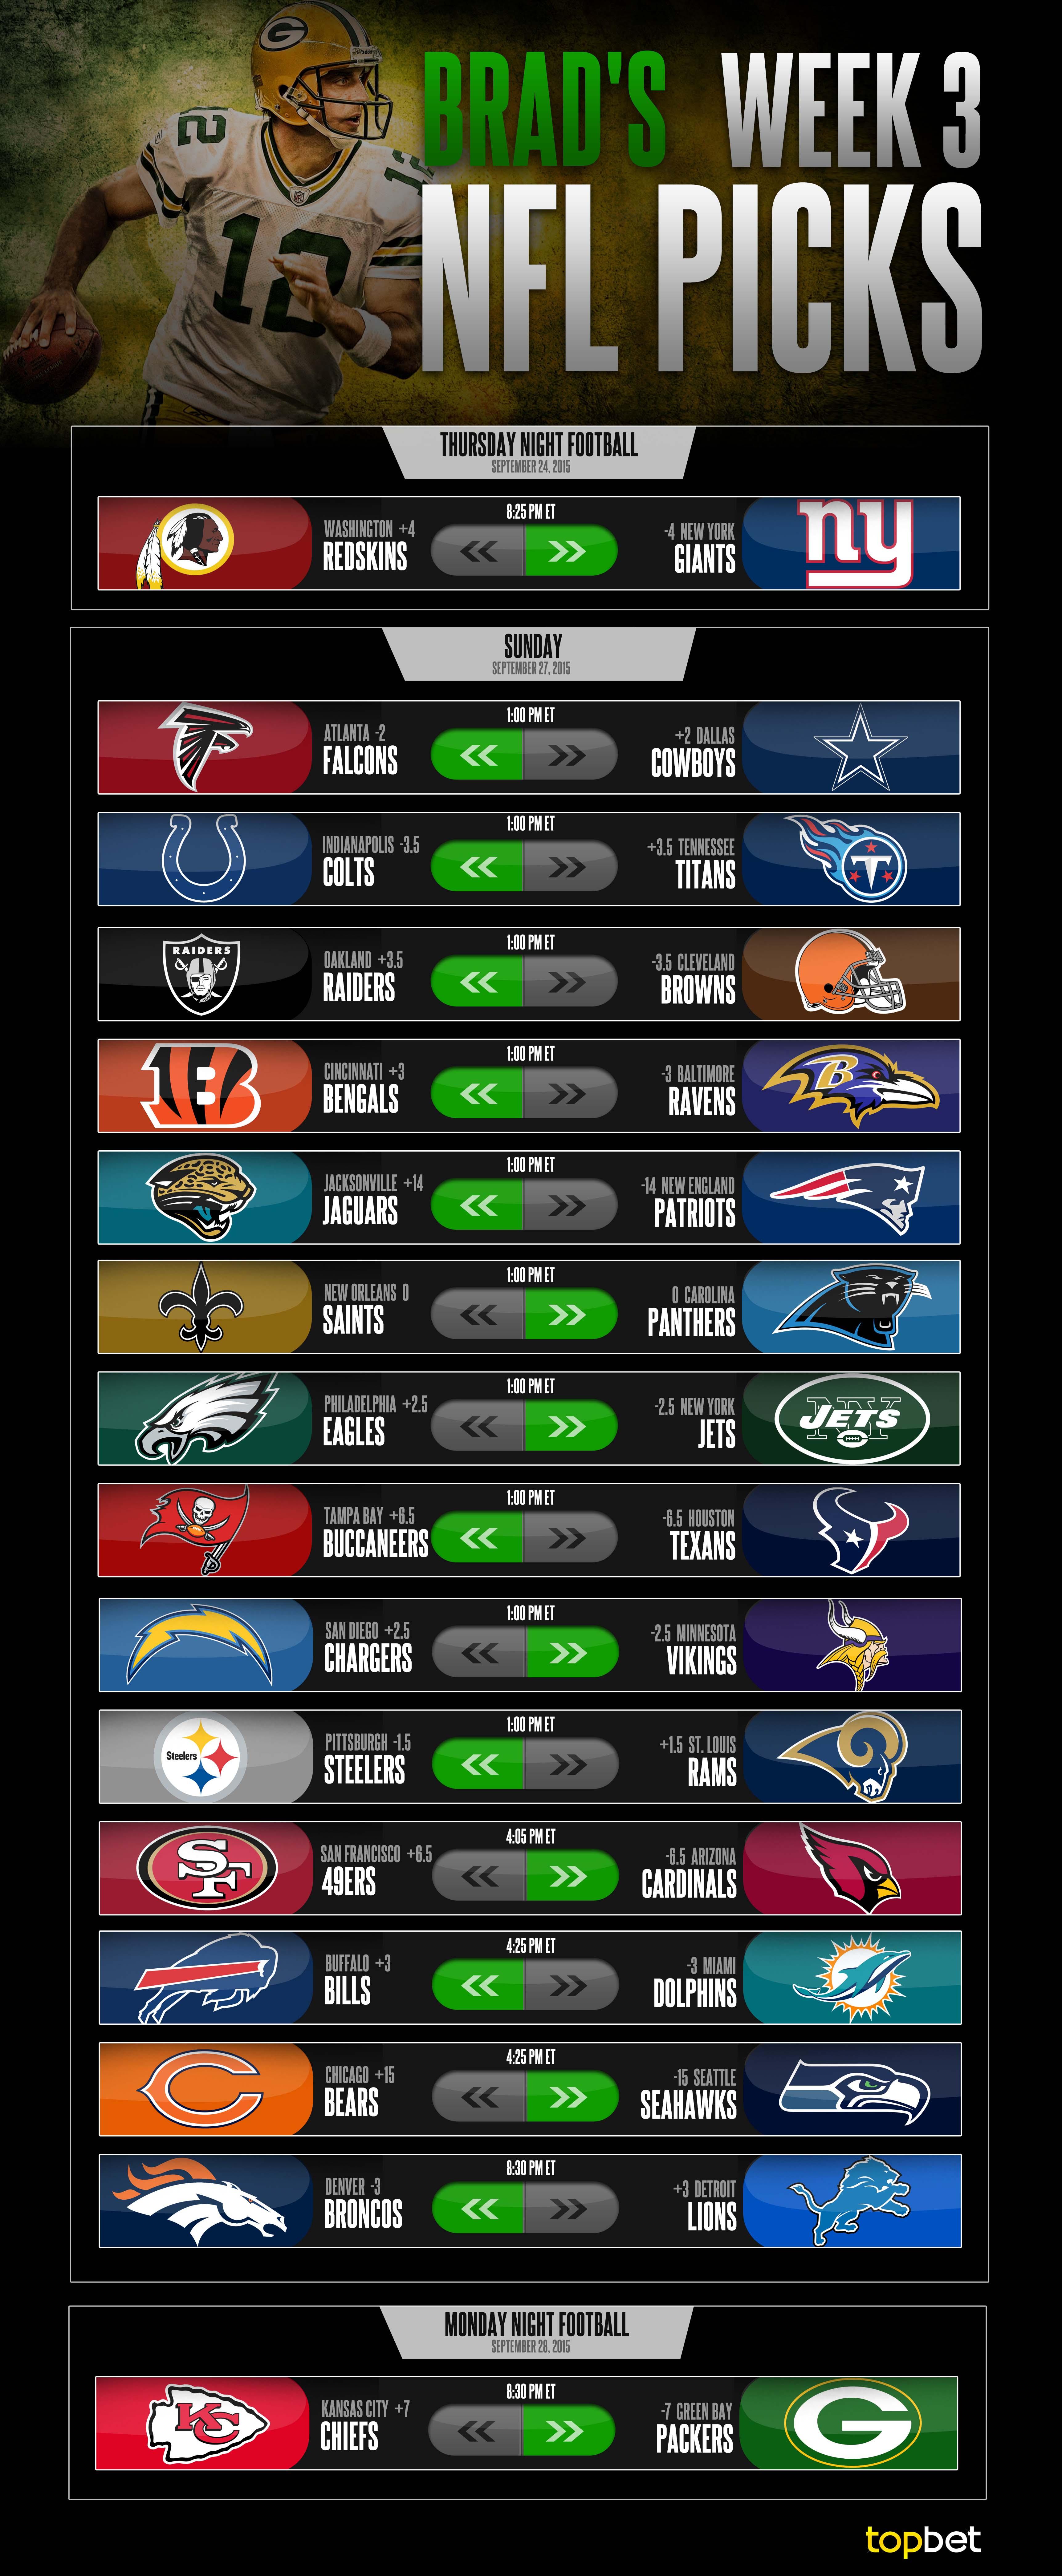 Week 3 NFL picks, predictions